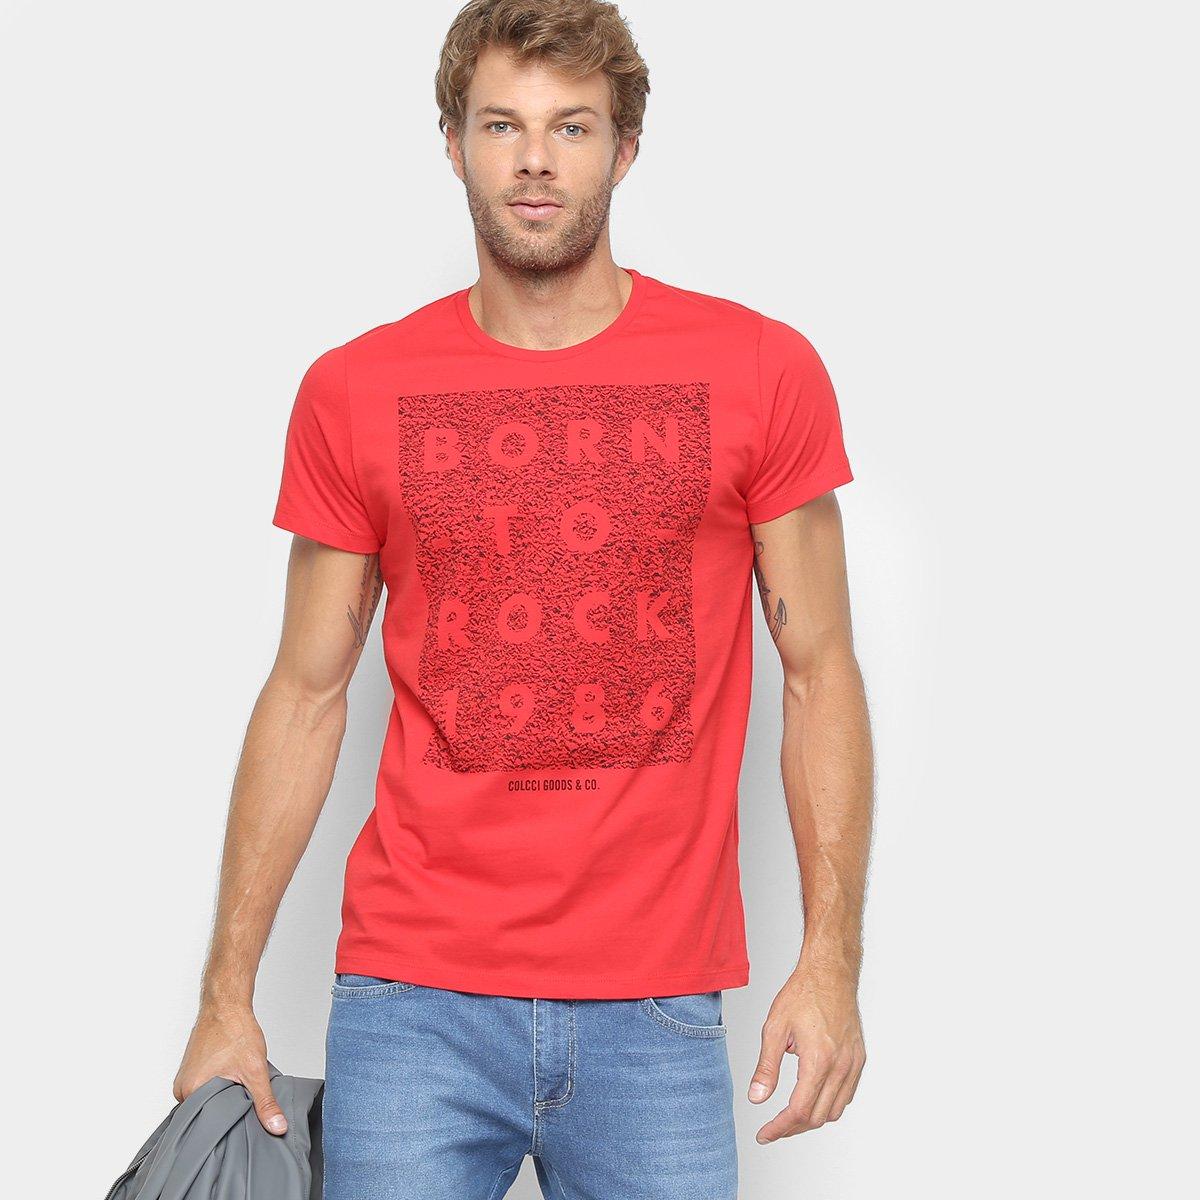 92c527e50 Camiseta Colcci Estampa Born To Be Rock Masculina - Shopping TudoAzul